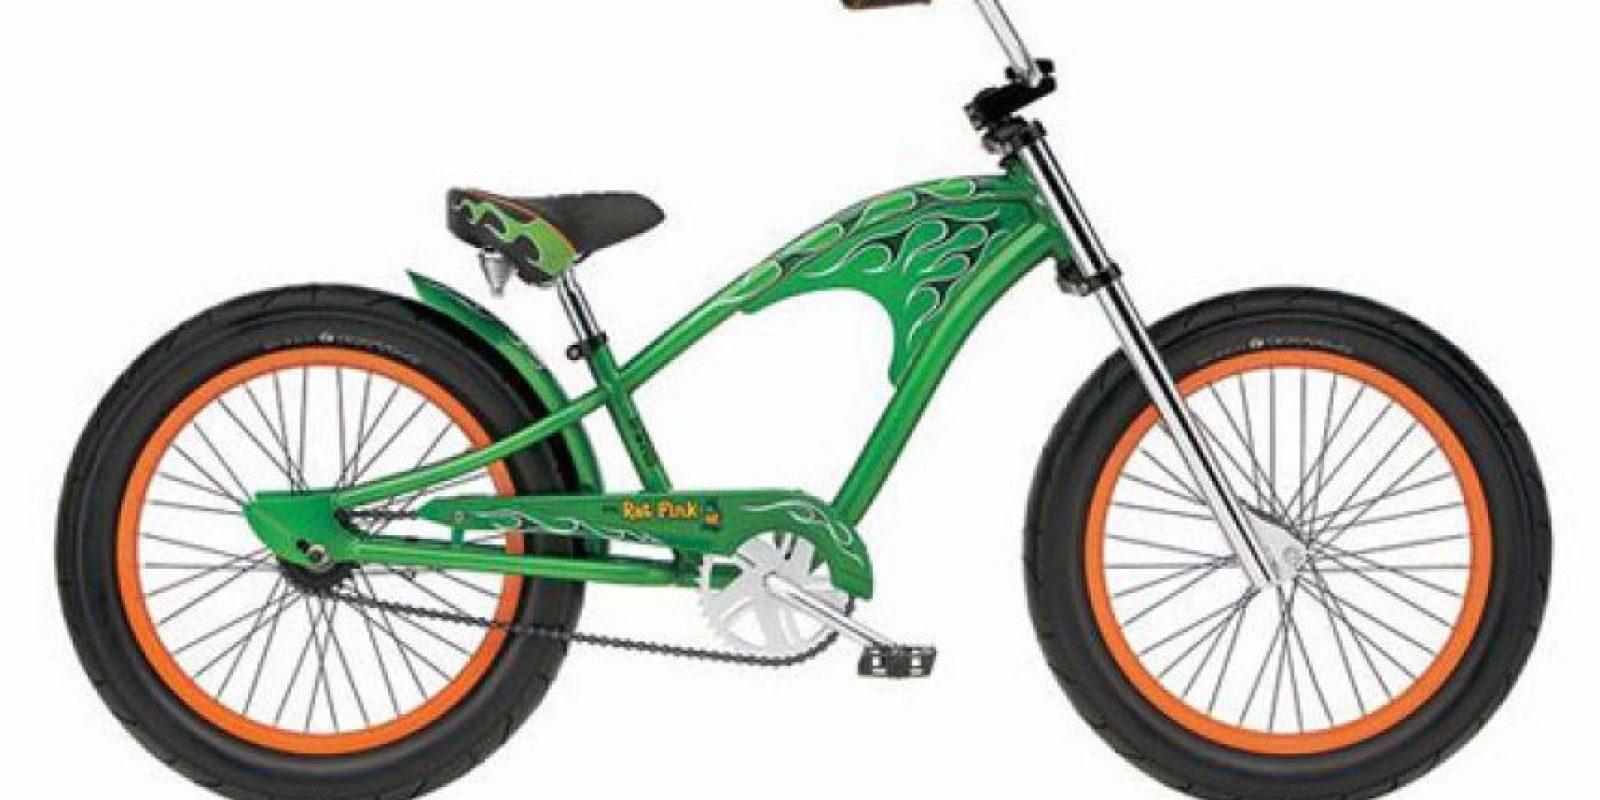 Dise os y colores que le dan personalidad a tu bicicleta for Disenos para bicicletas